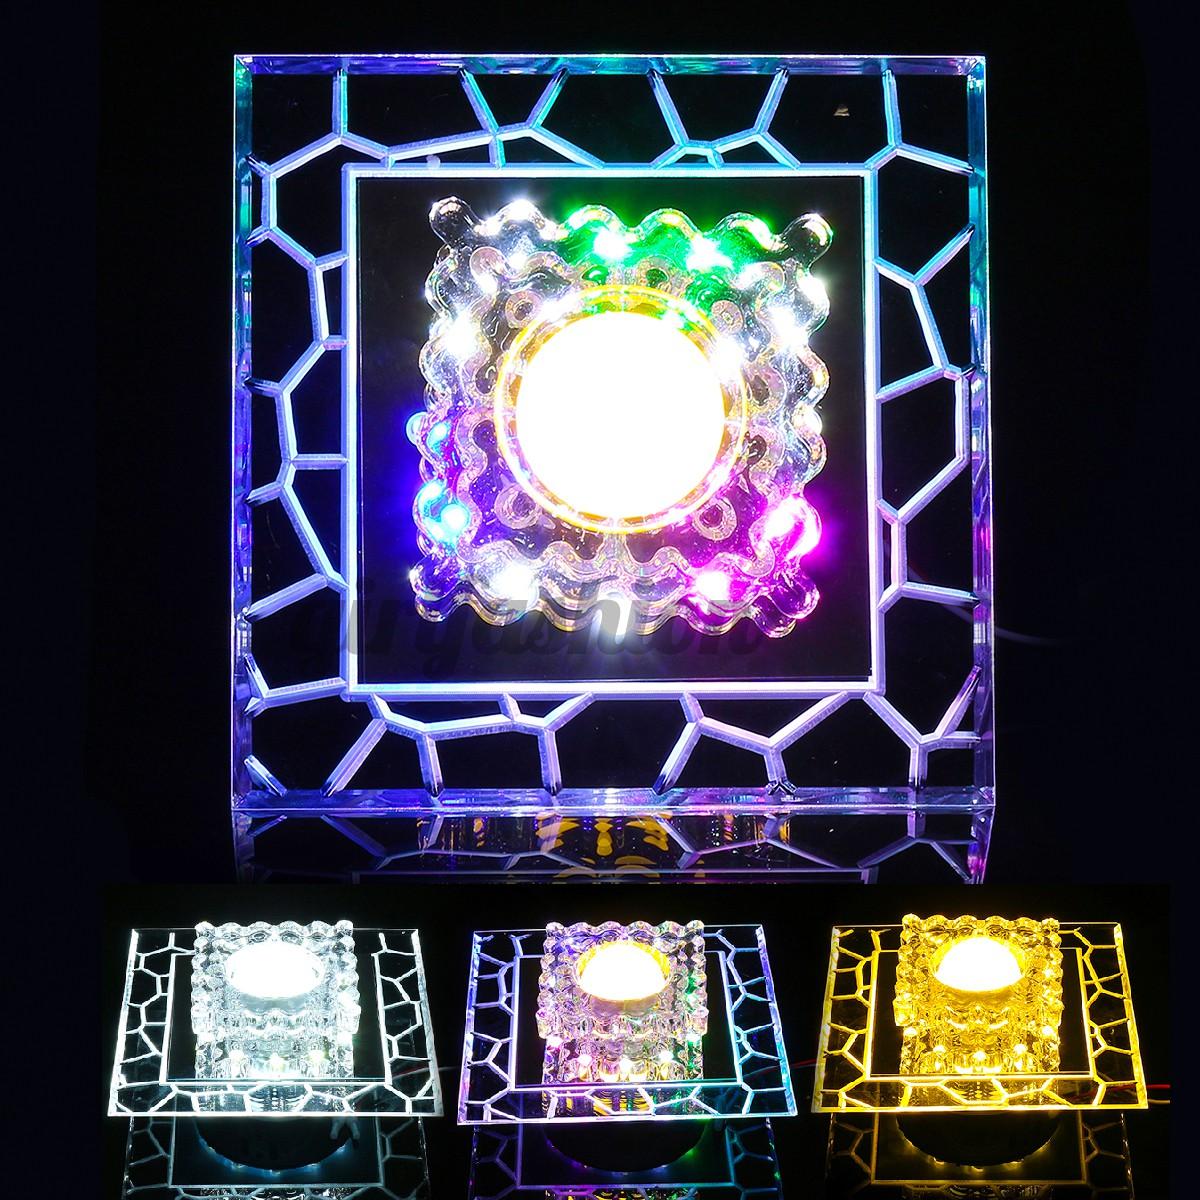 Đèn Led Treo Trần Trang Trí Nội Thất 220v 18cm